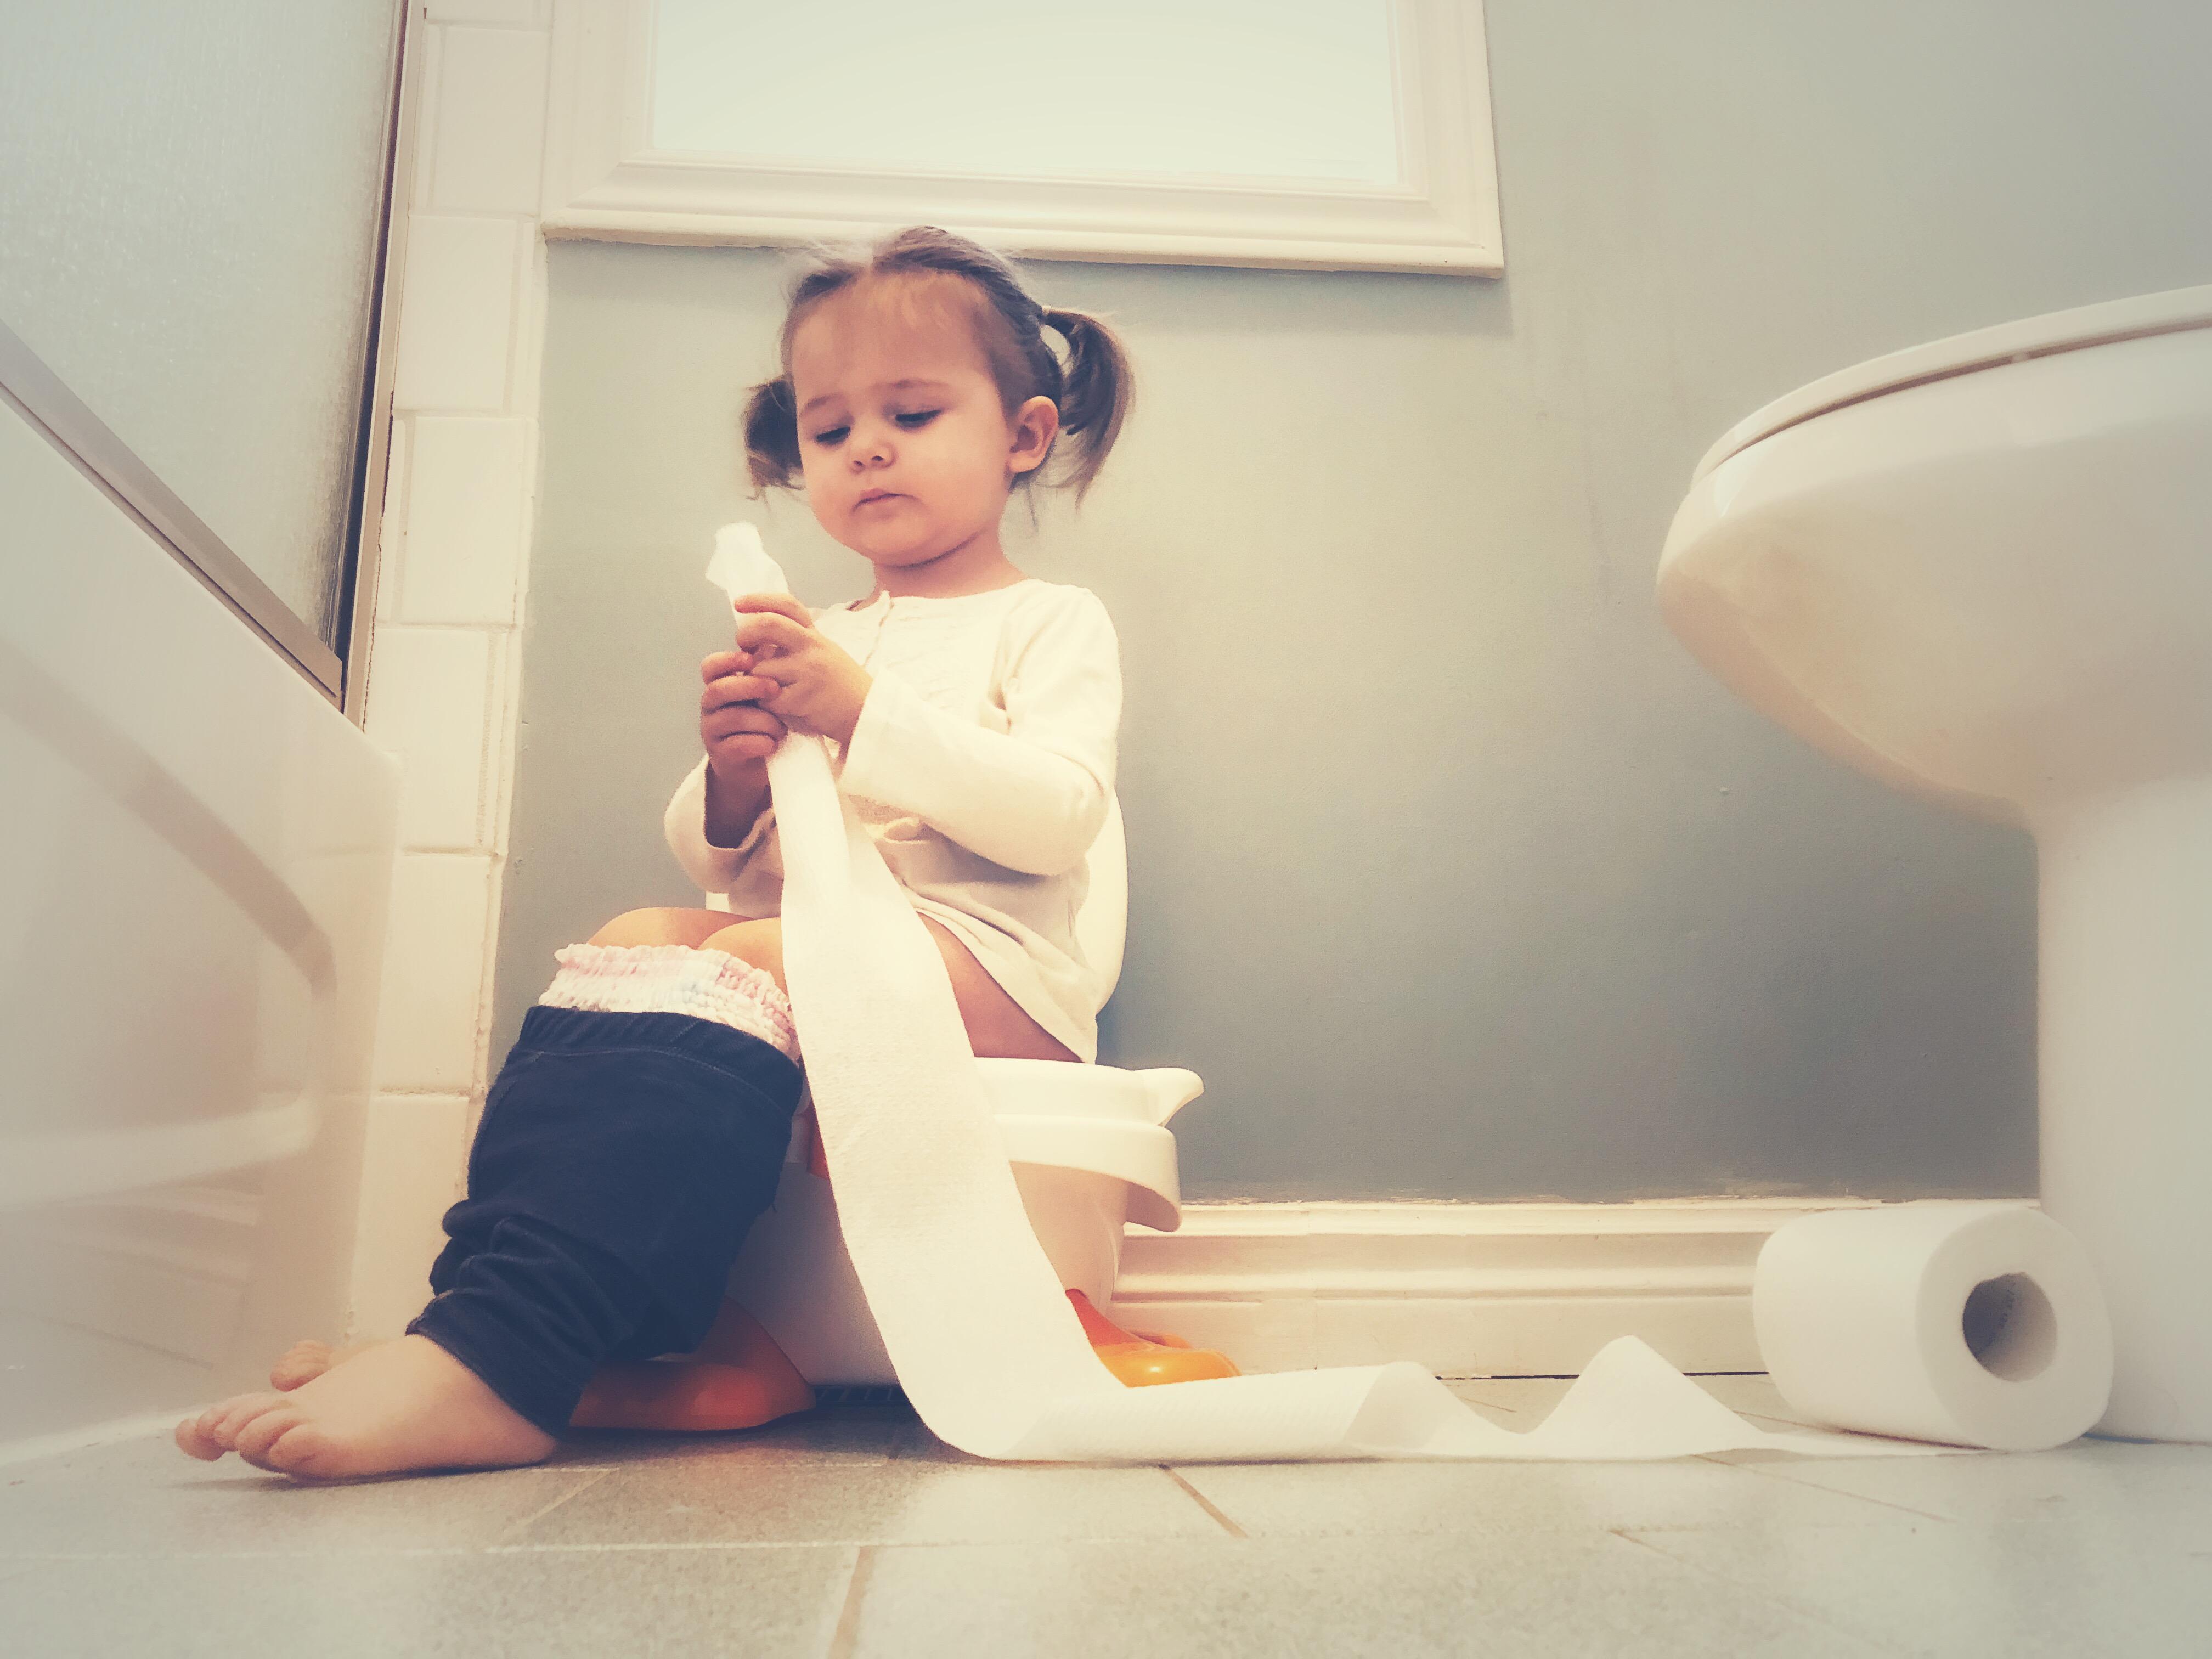 Çocuklarda Tuvalet Eğitimini Verirken Nelere Dikkat Etmeli